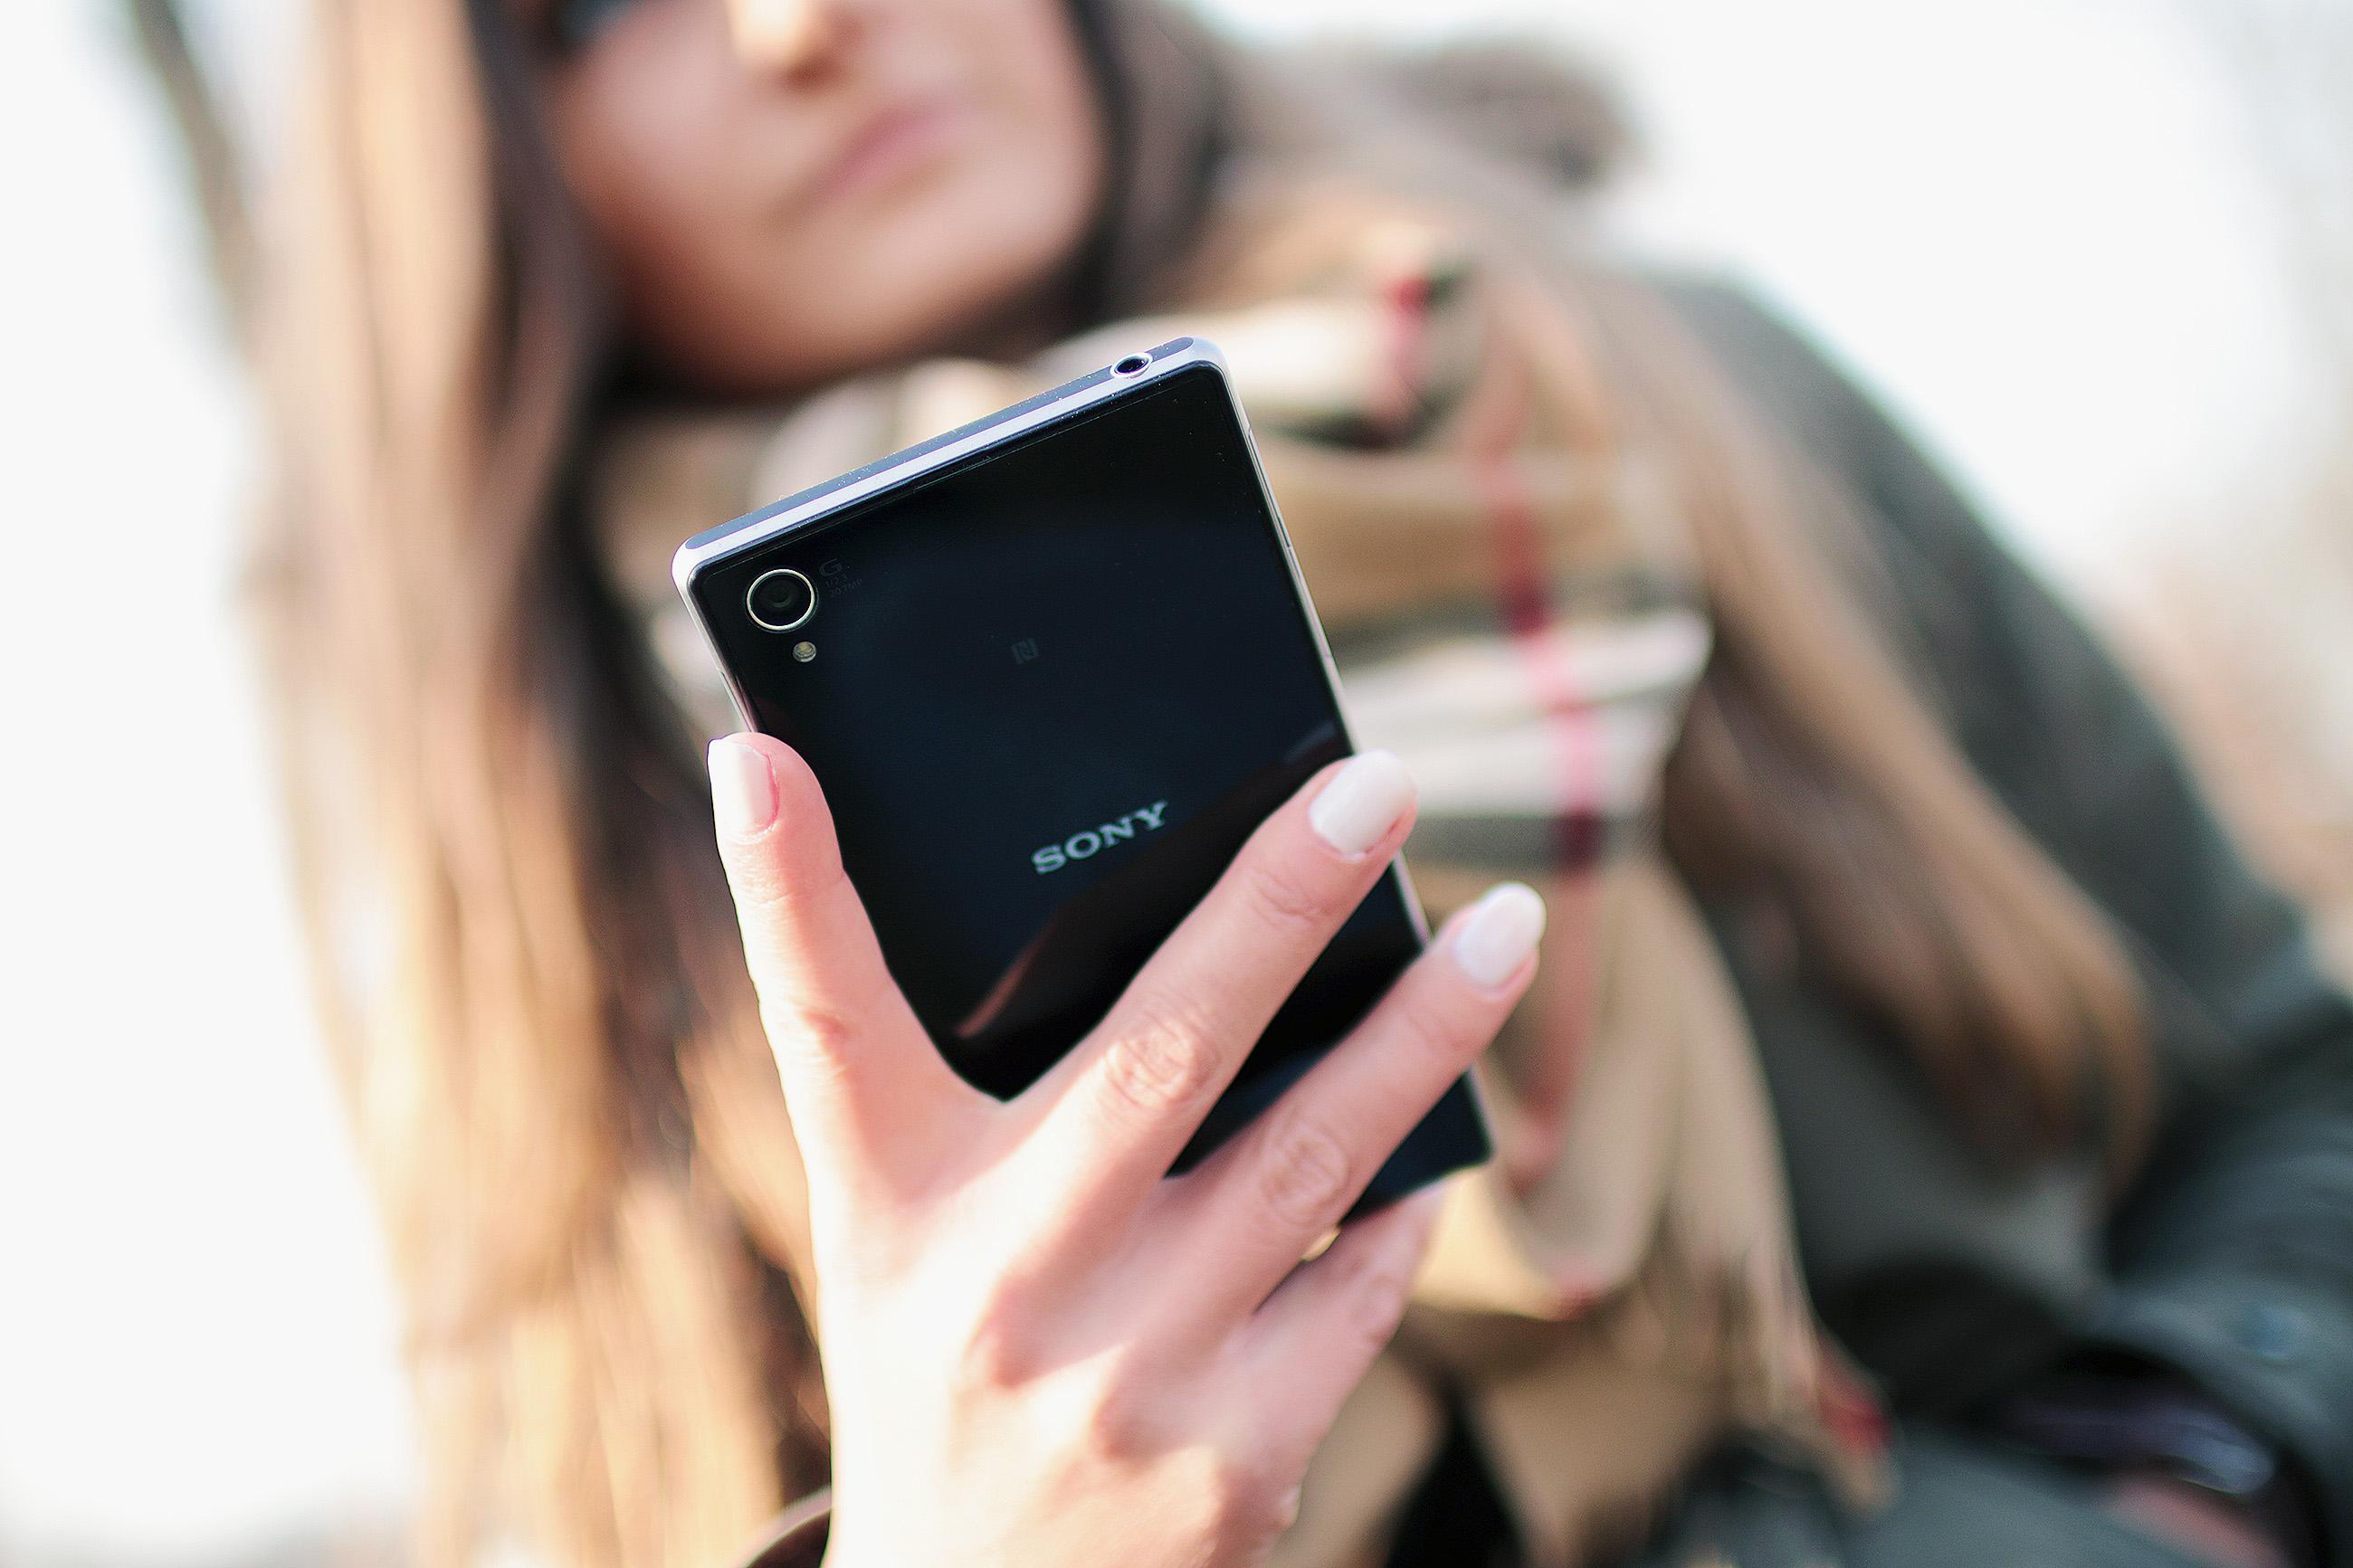 Sony va mieux, mais pas vraiment grâce au mobile